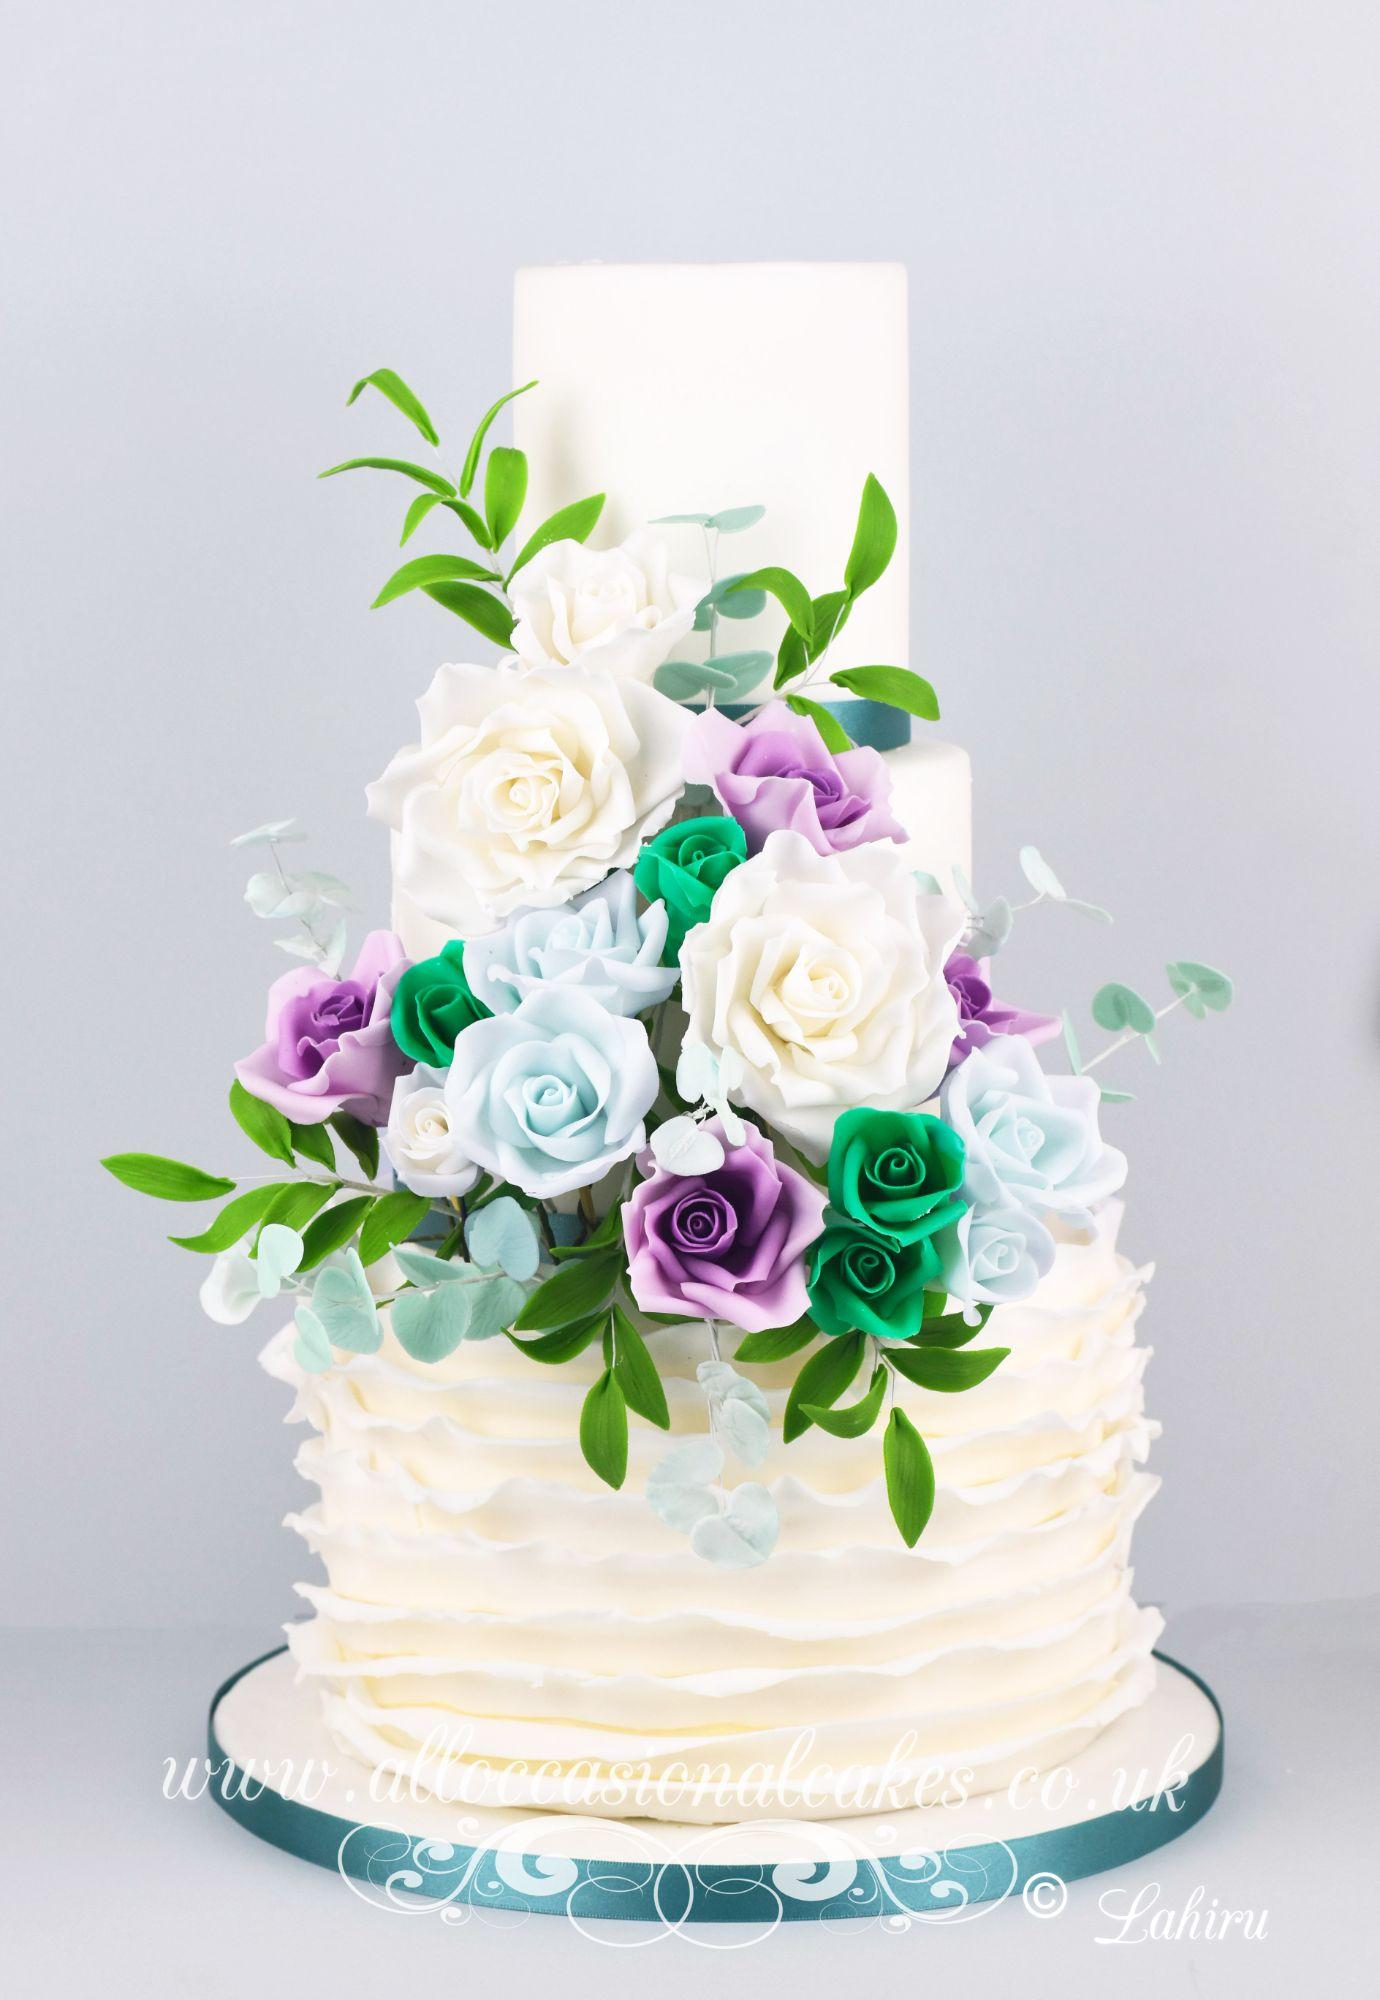 teal green wedding cake